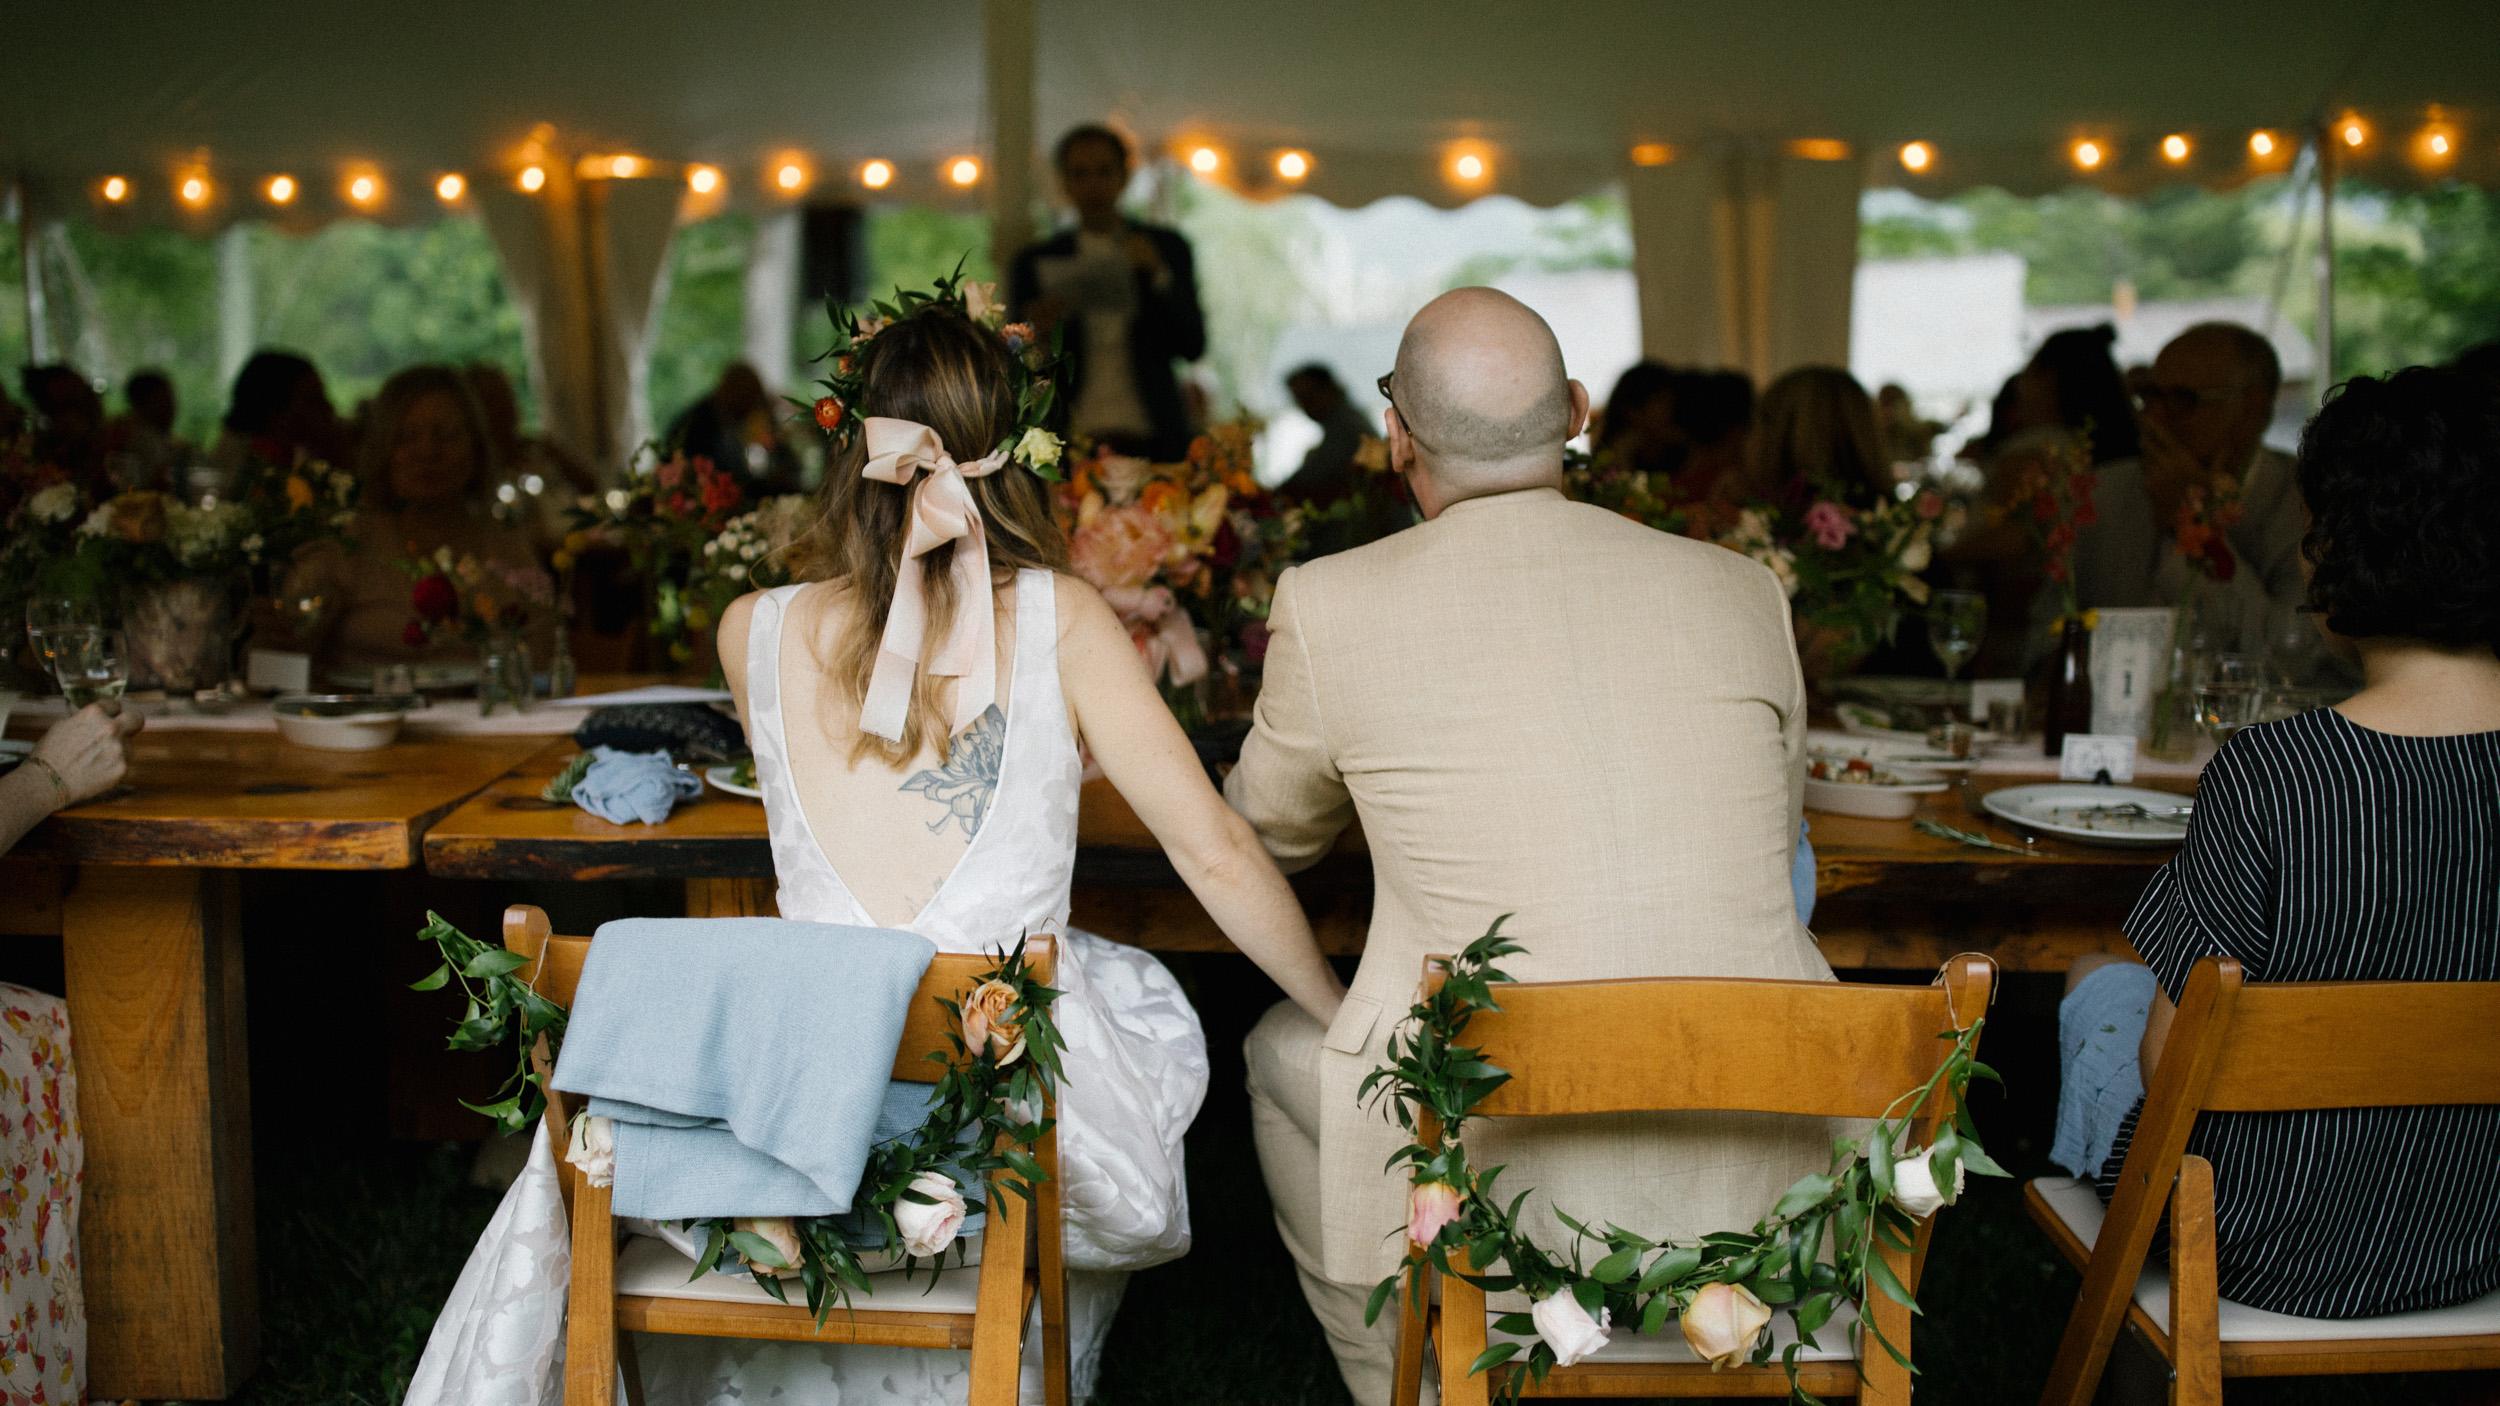 alec_vanderboom_vermont_wedding_photography-0116.jpg